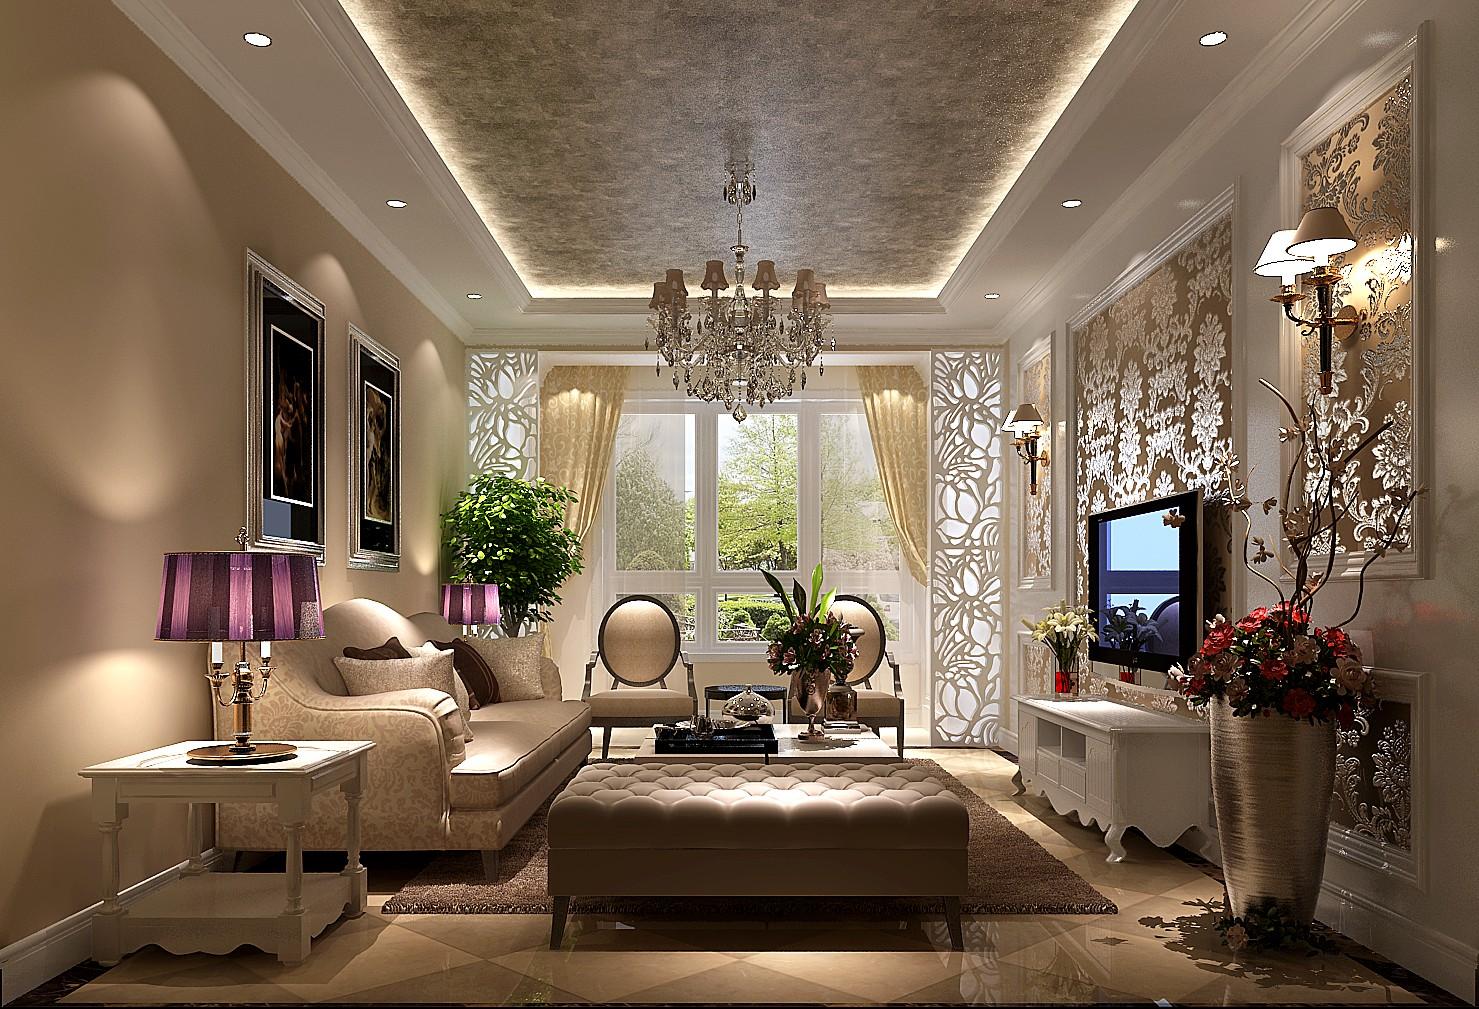 简约 美式 田园 二居 三居 K2百合湾 高度国际 白领 80后 客厅图片来自北京高度国际装饰设计在K2百合湾美式来袭的分享